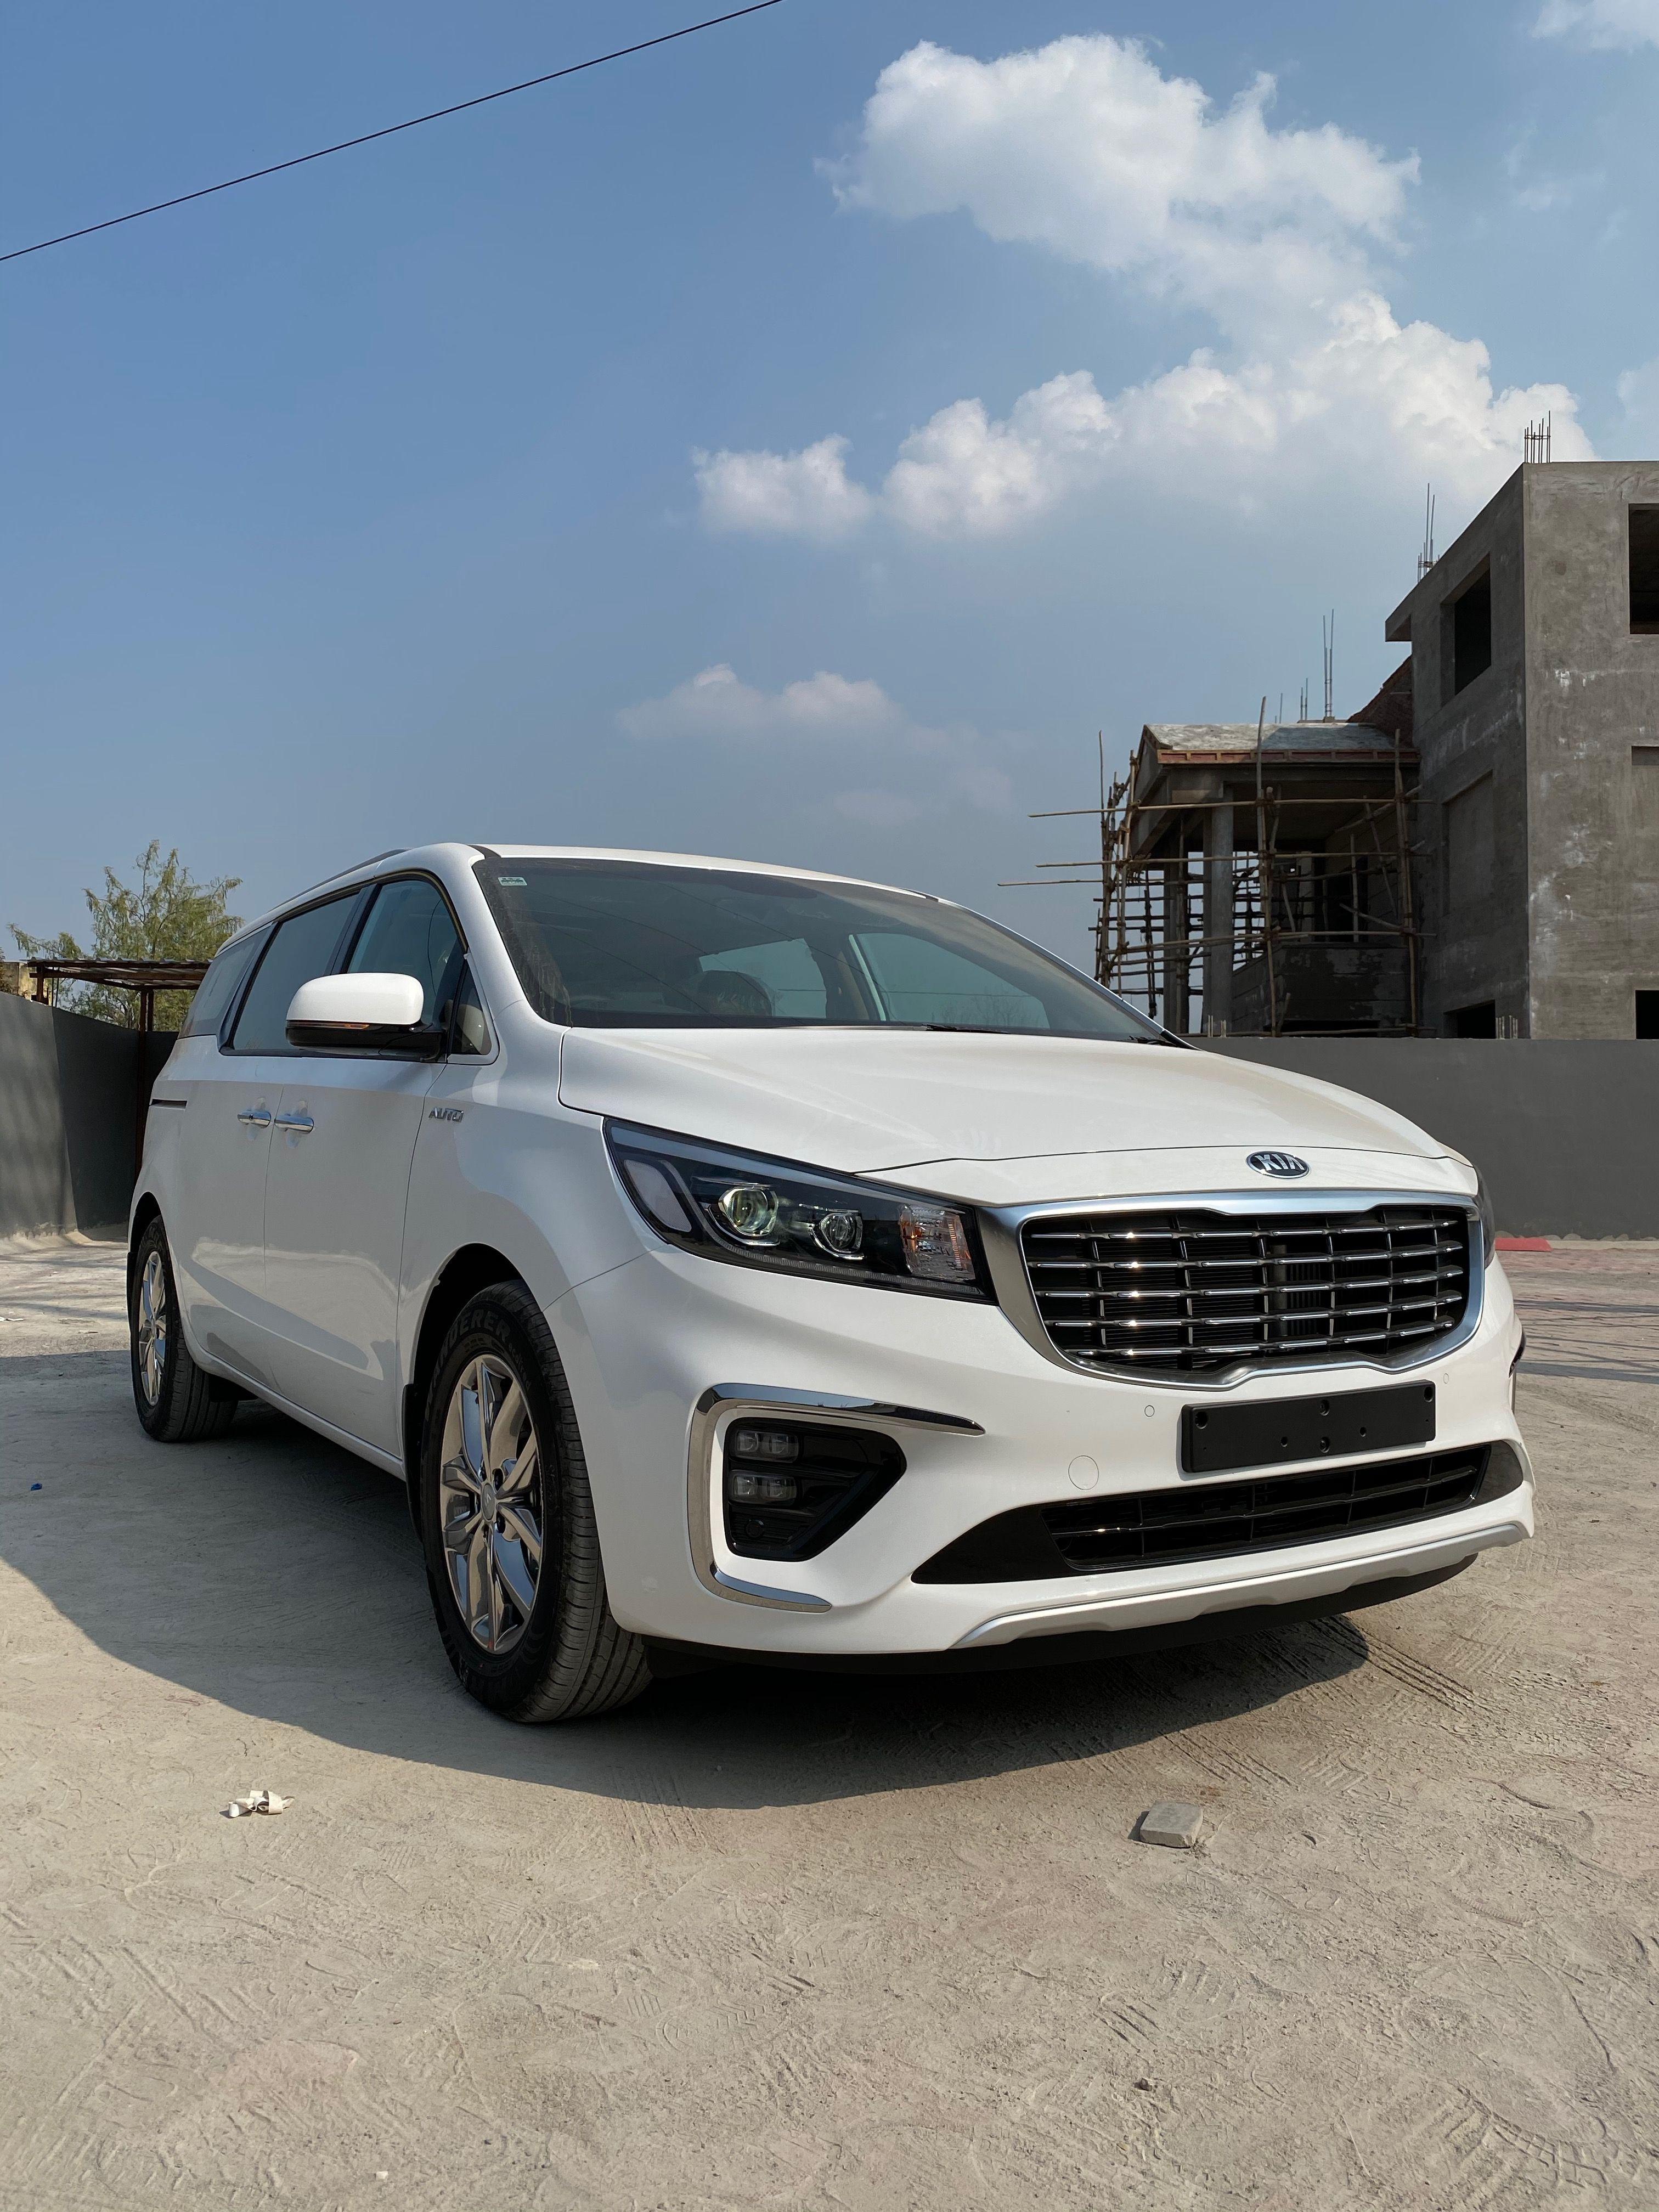 Kia Carnival Limousine Auto 40 Lakh Real Life Review In 2020 Kia Kia Sedona Limousine